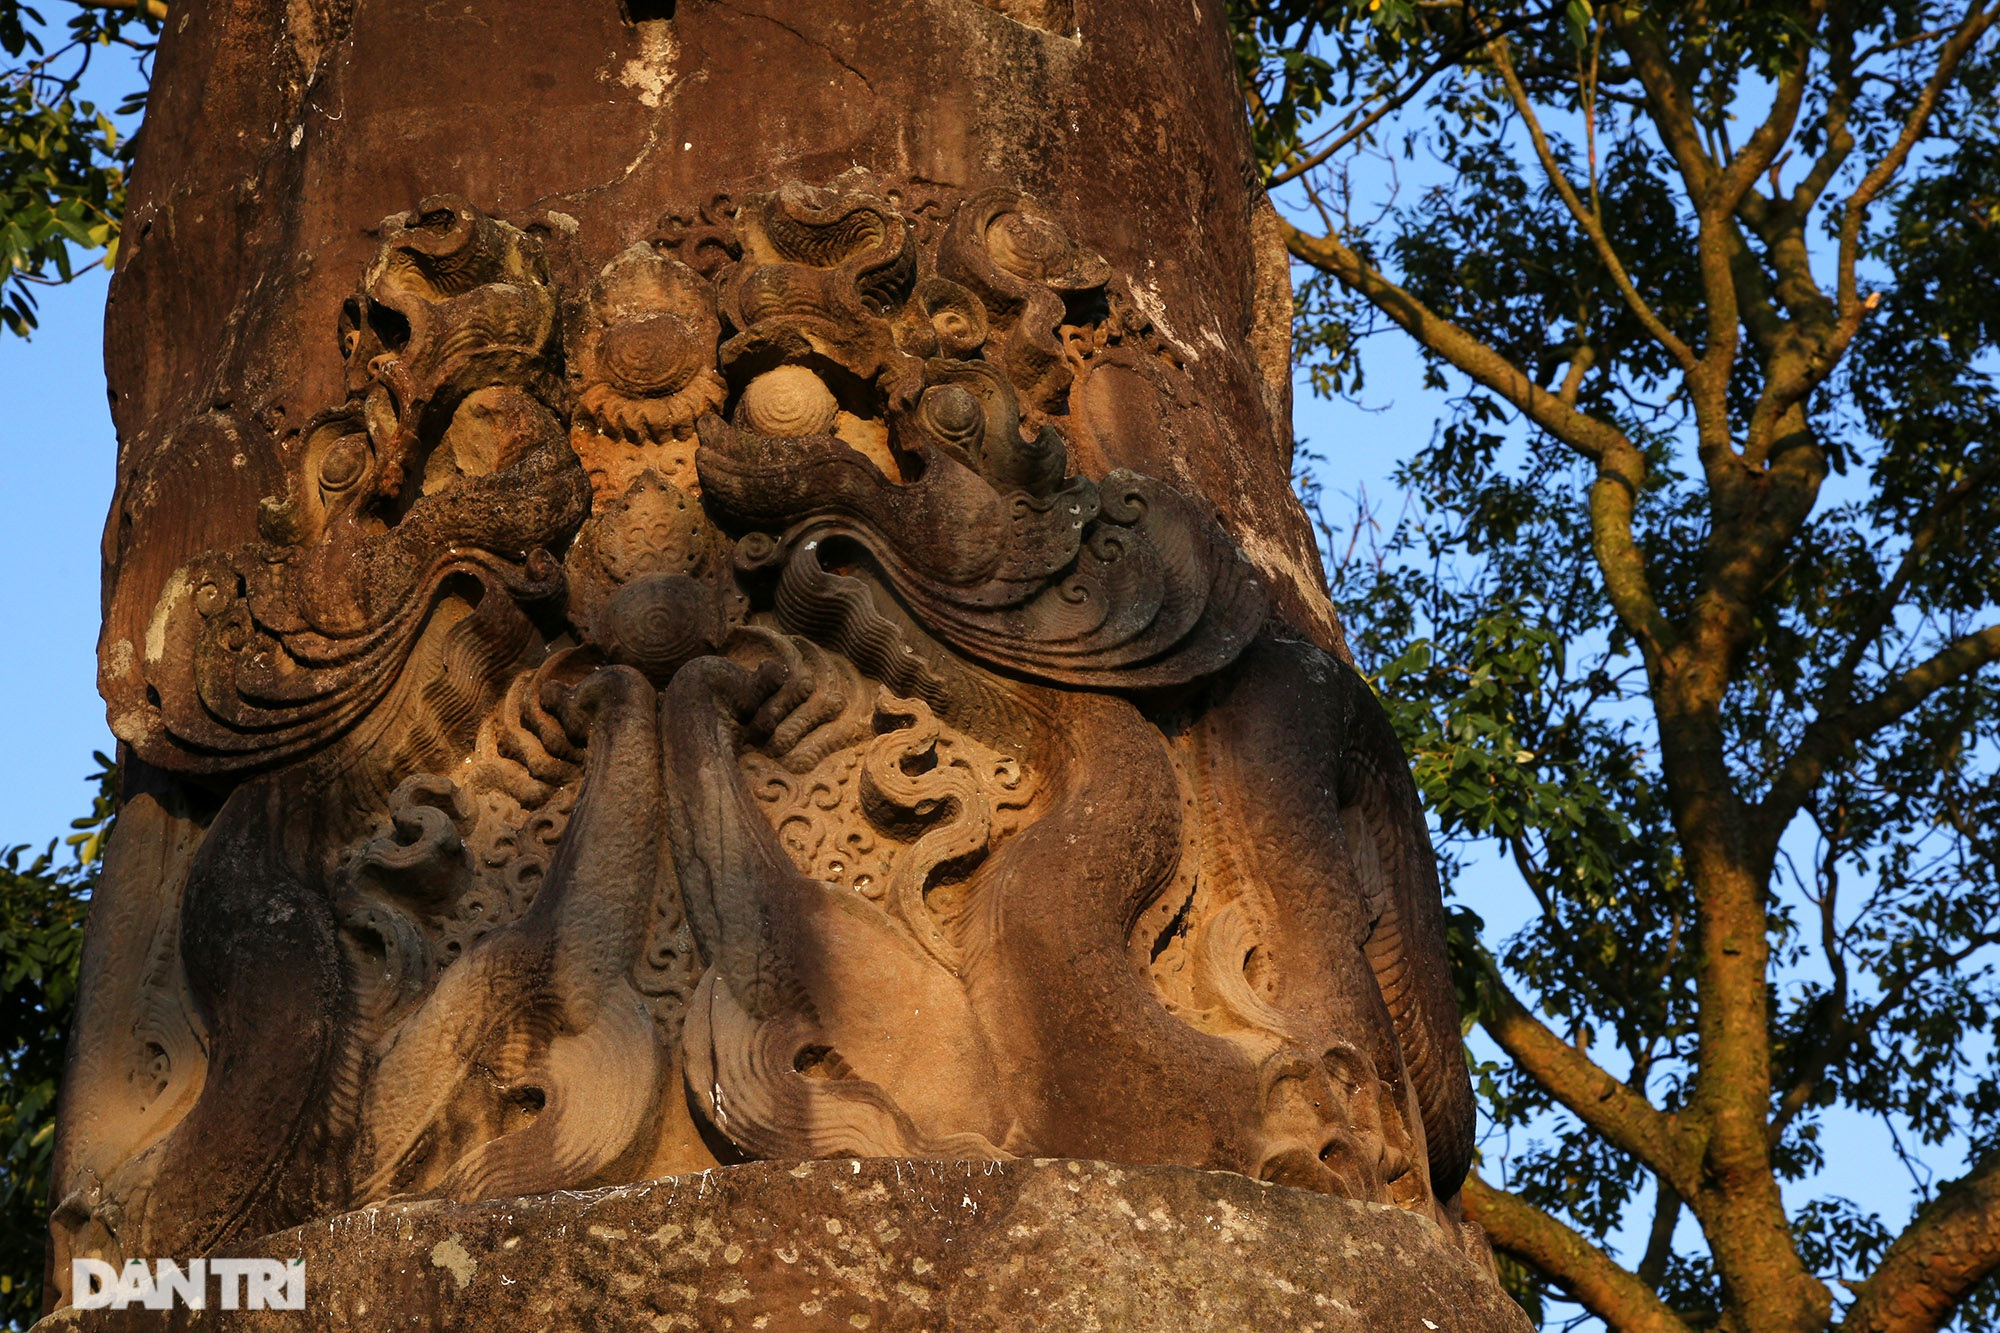 Bí ẩn cột đá nghìn năm tuổi bên sườn núi Đại Lãm, Bắc Ninh - 3